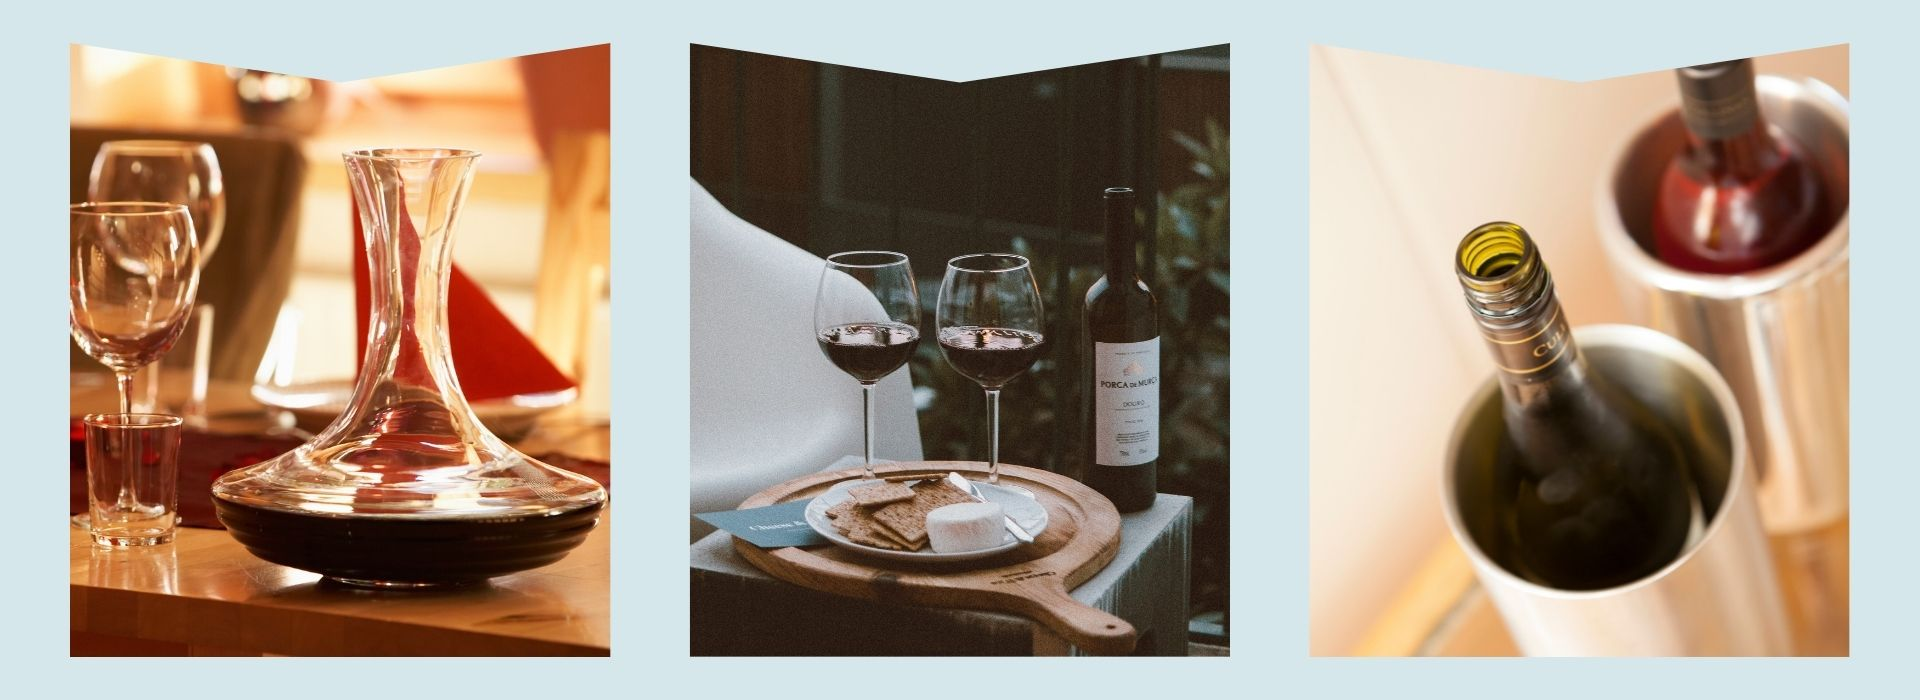 wine glasses, wine decanter, wine chiller